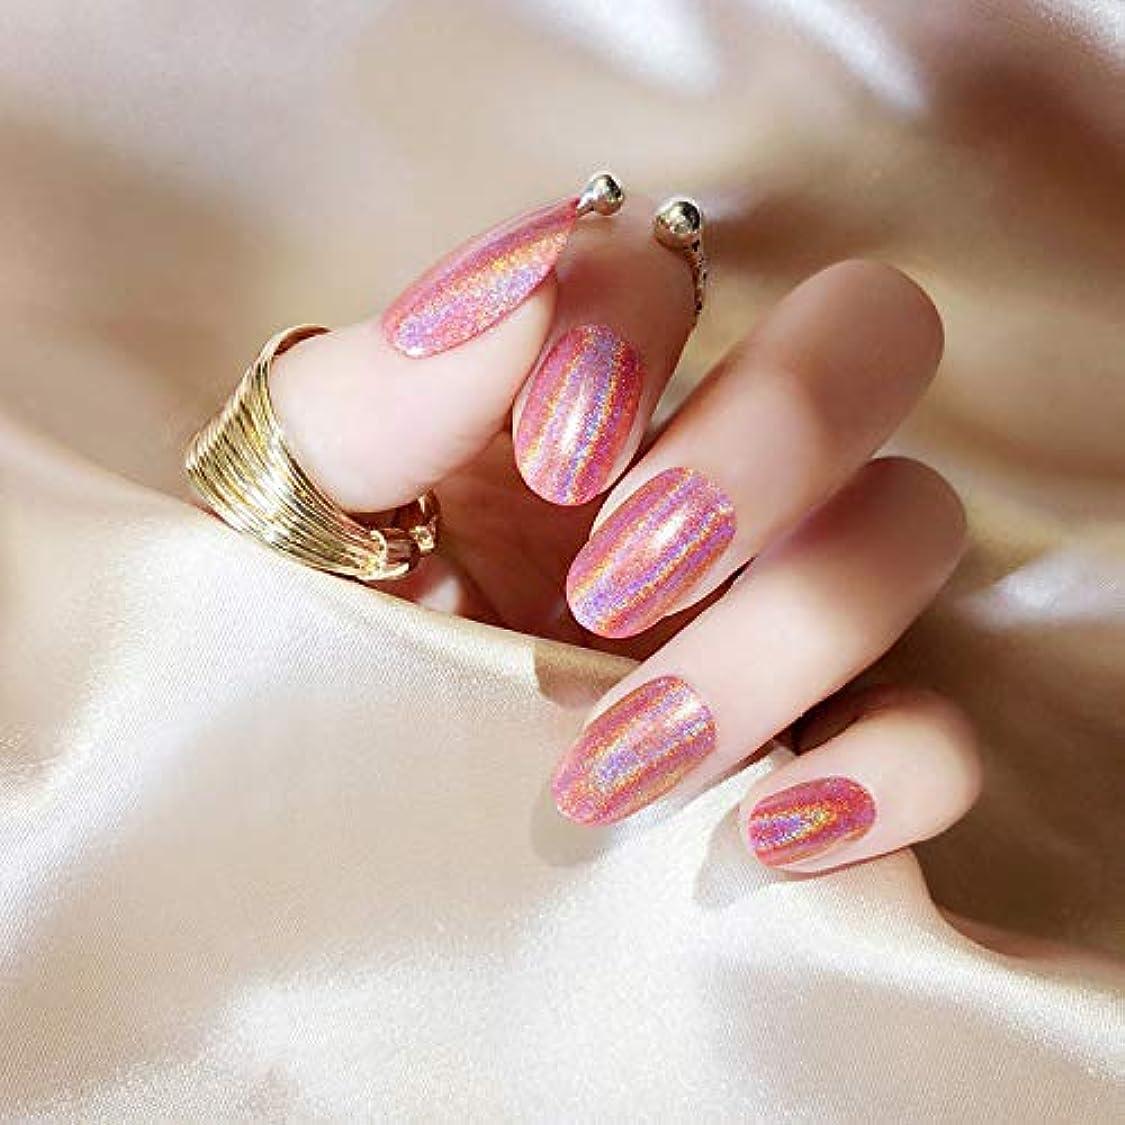 アサー大腿クラウン質感 彩がつく 24枚純色付け爪 ネイル貼るだけネイルチップ レーザー 多重光沢 お花嫁付け爪 ジェルネイルの光疗法 シンフォニー (桜ピンク)